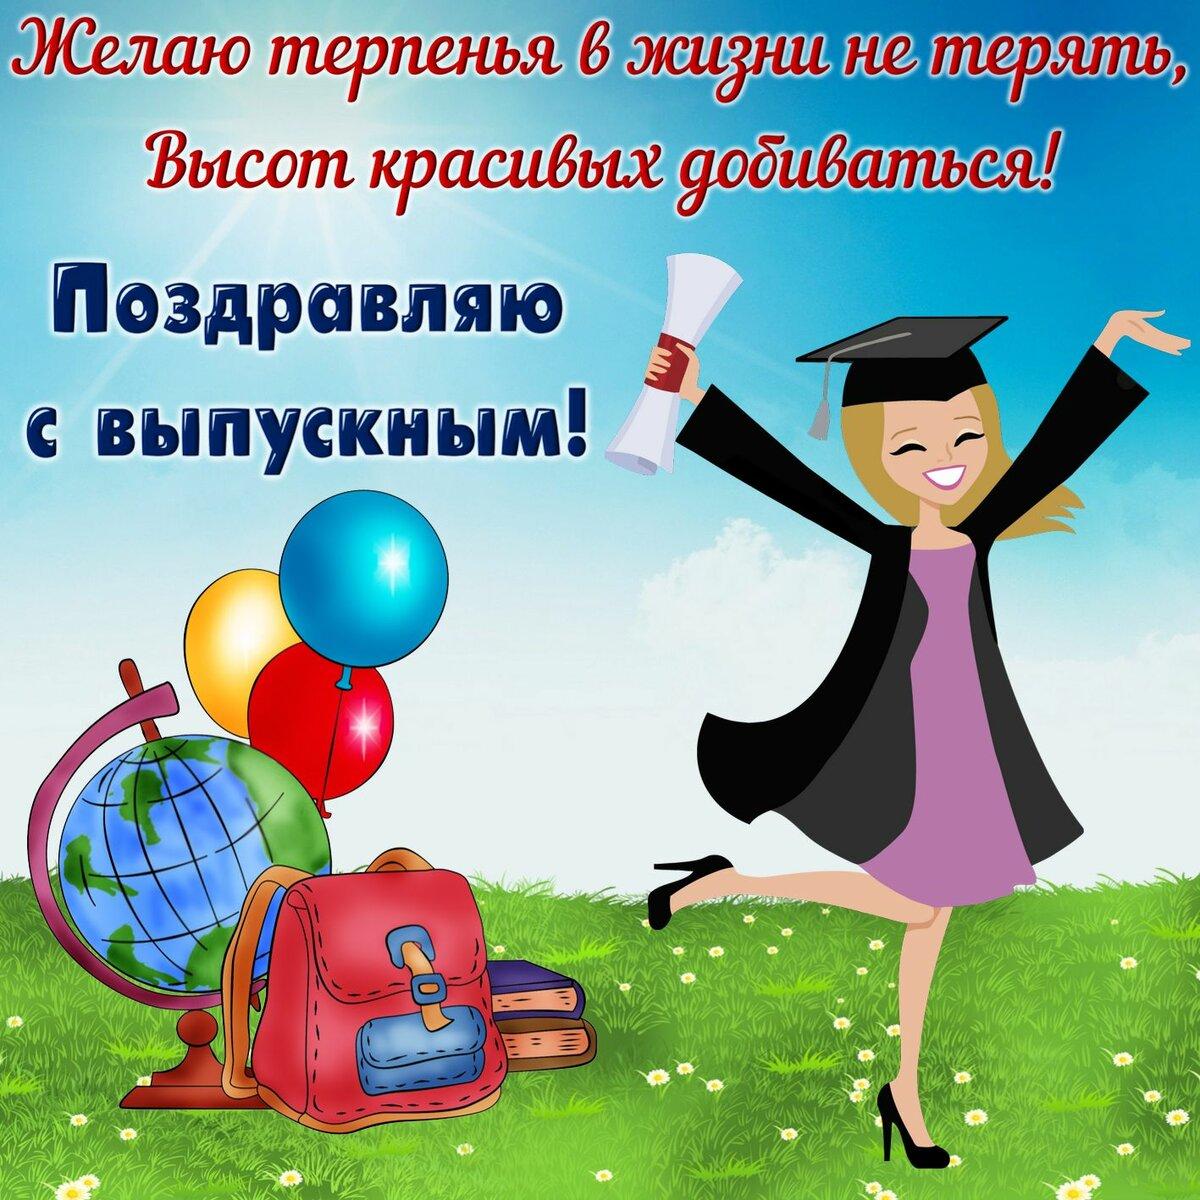 Поздравления выпускников техничкам